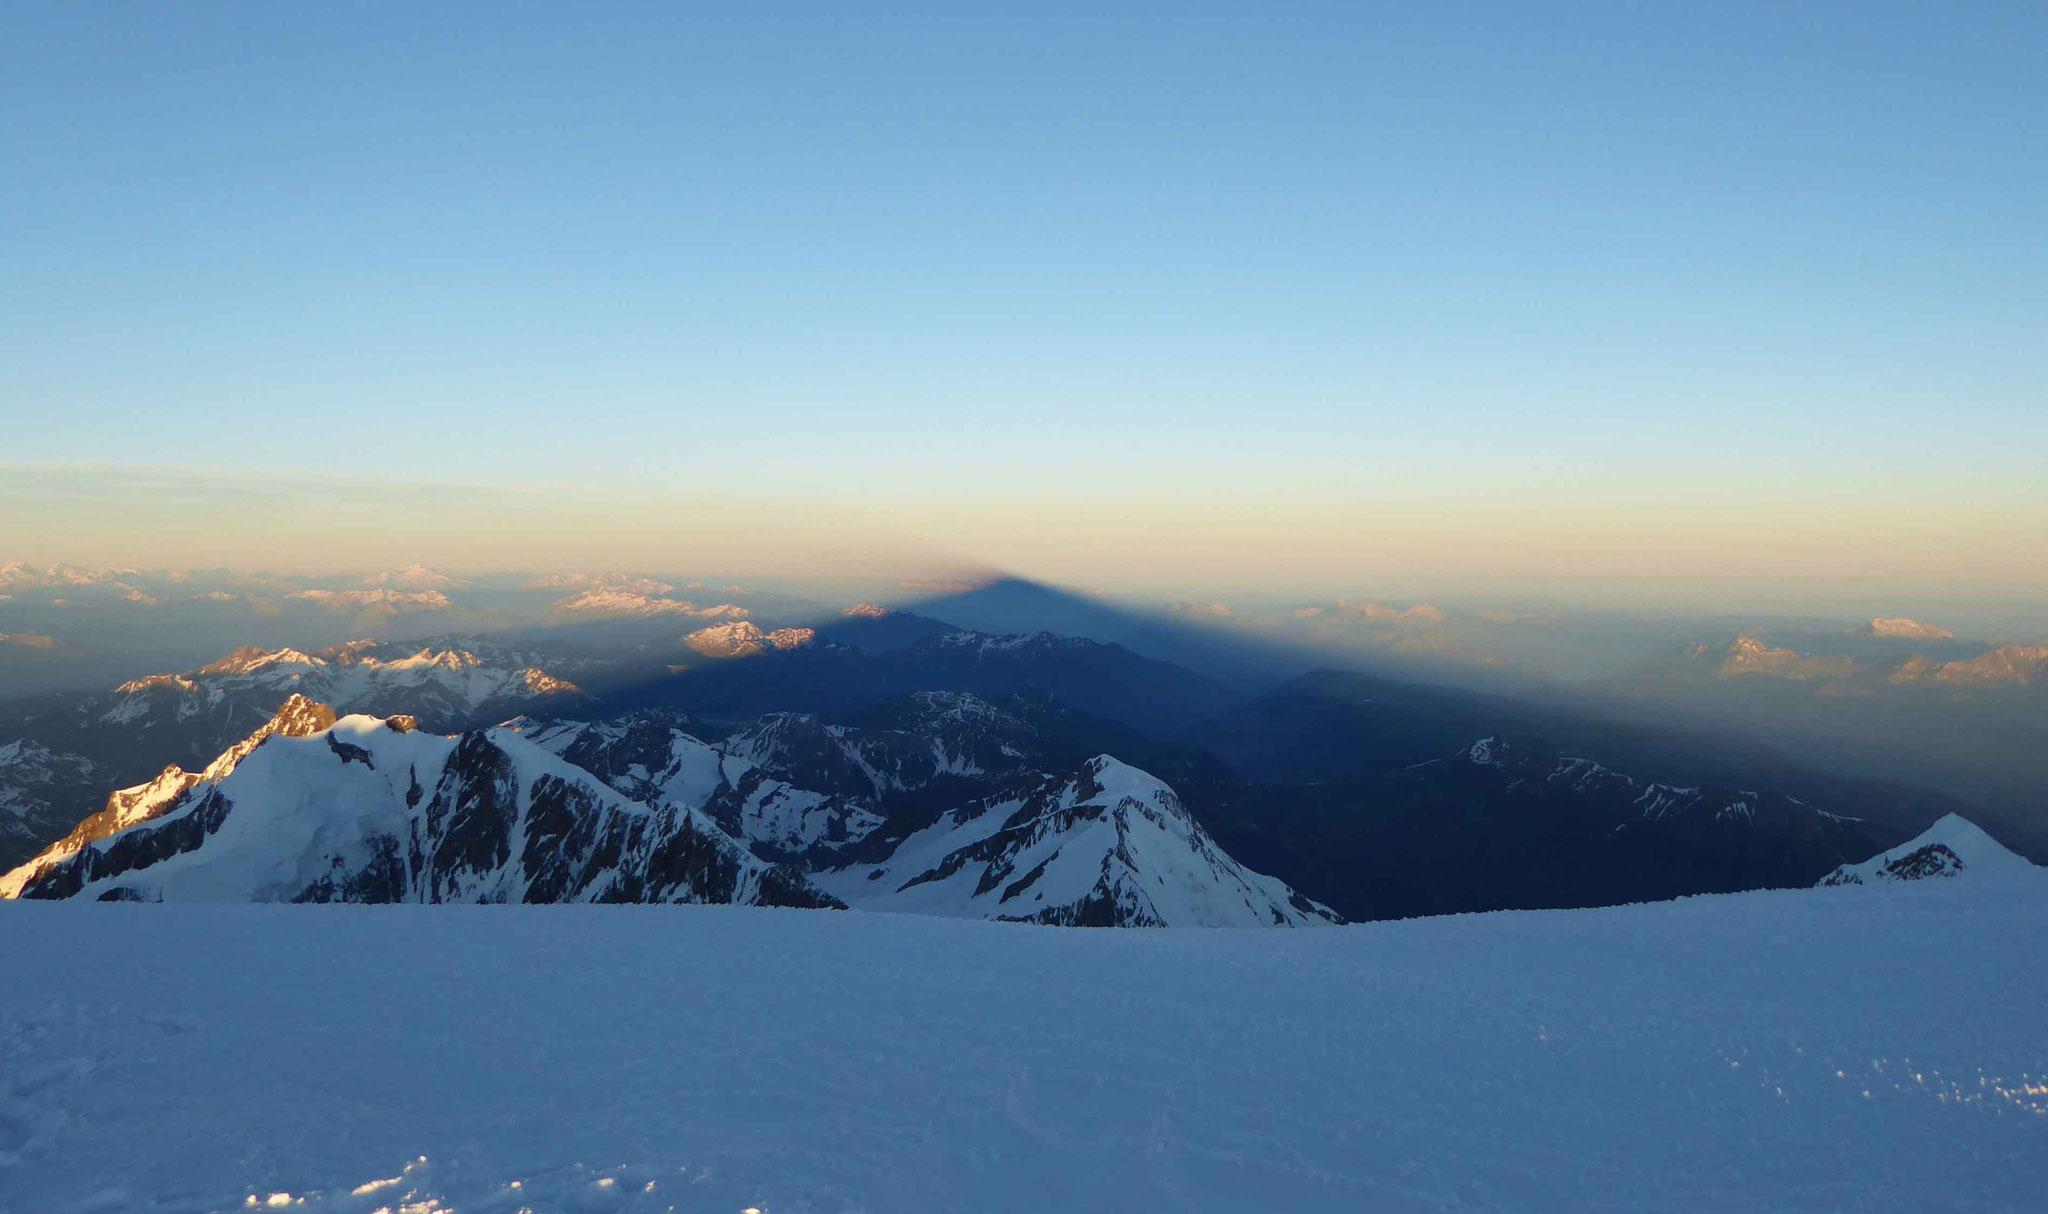 Belle ombre projetée du mont Blanc au lever du jour